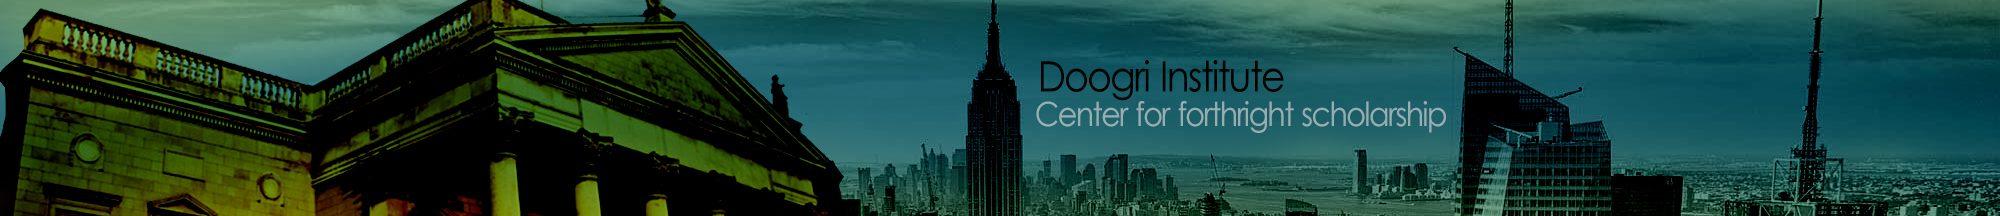 Doogri Institute